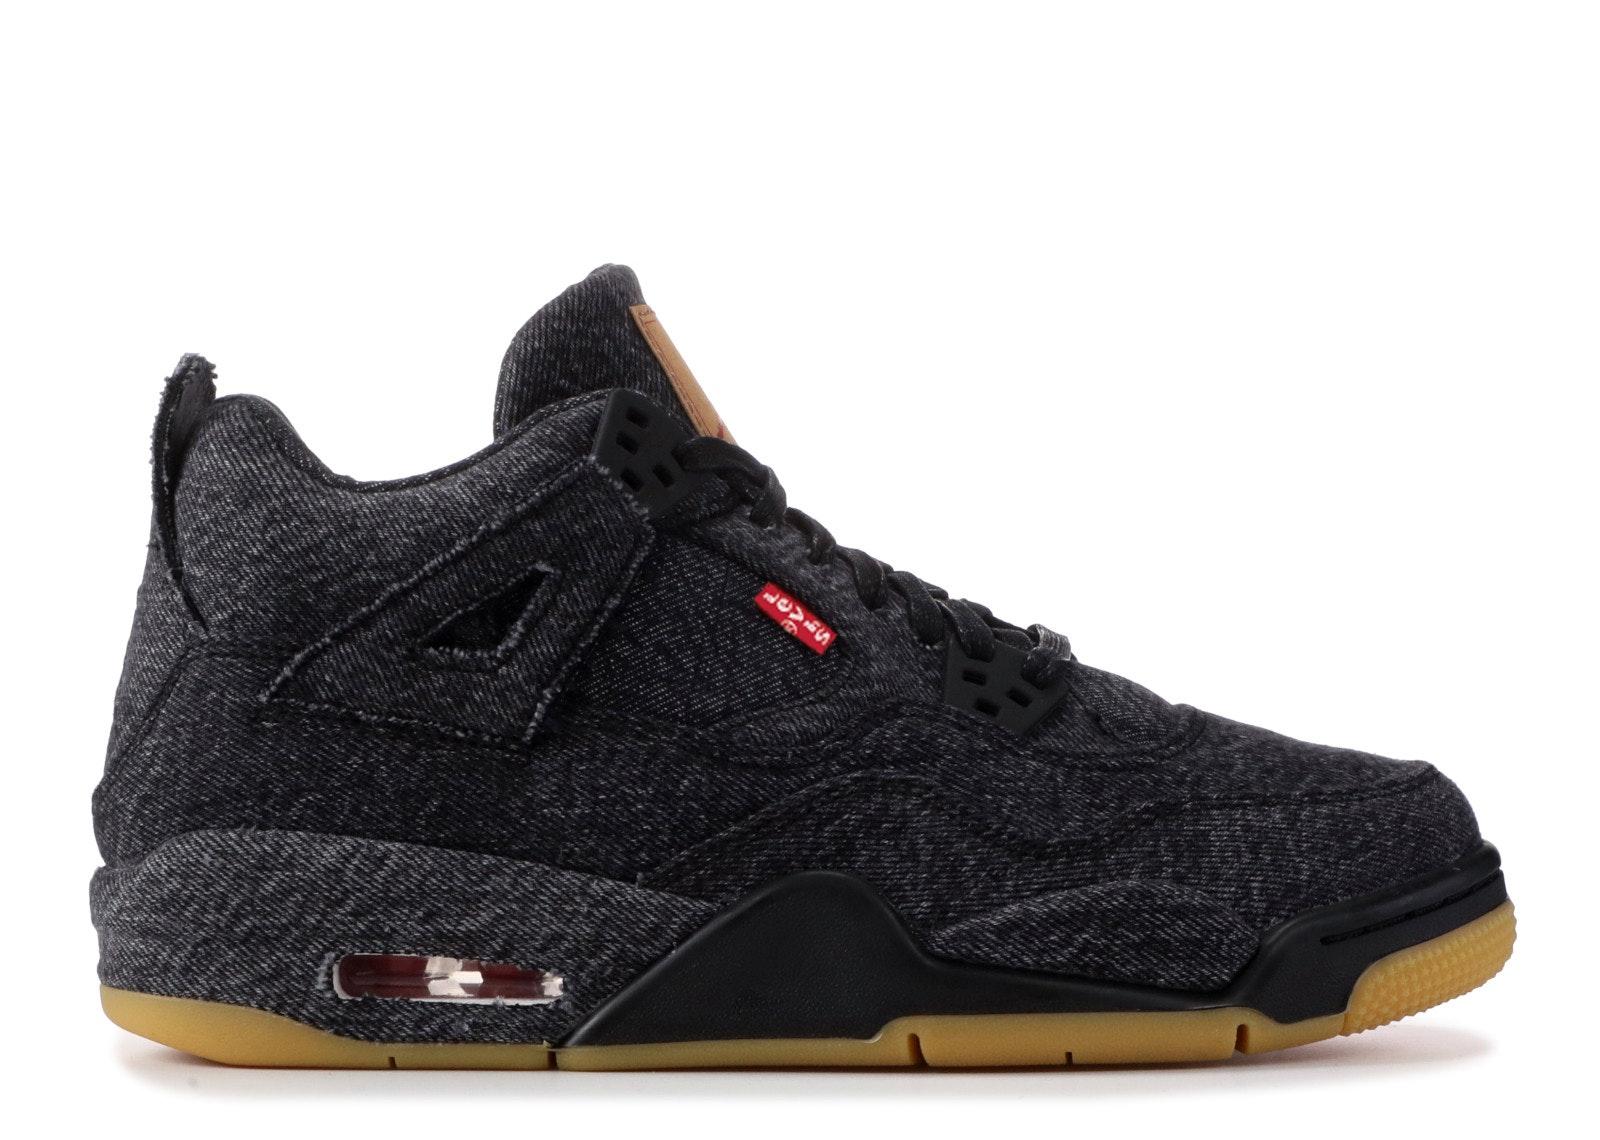 Jordan 4 Retro Levi's Black (GS) (Levi's Tag)